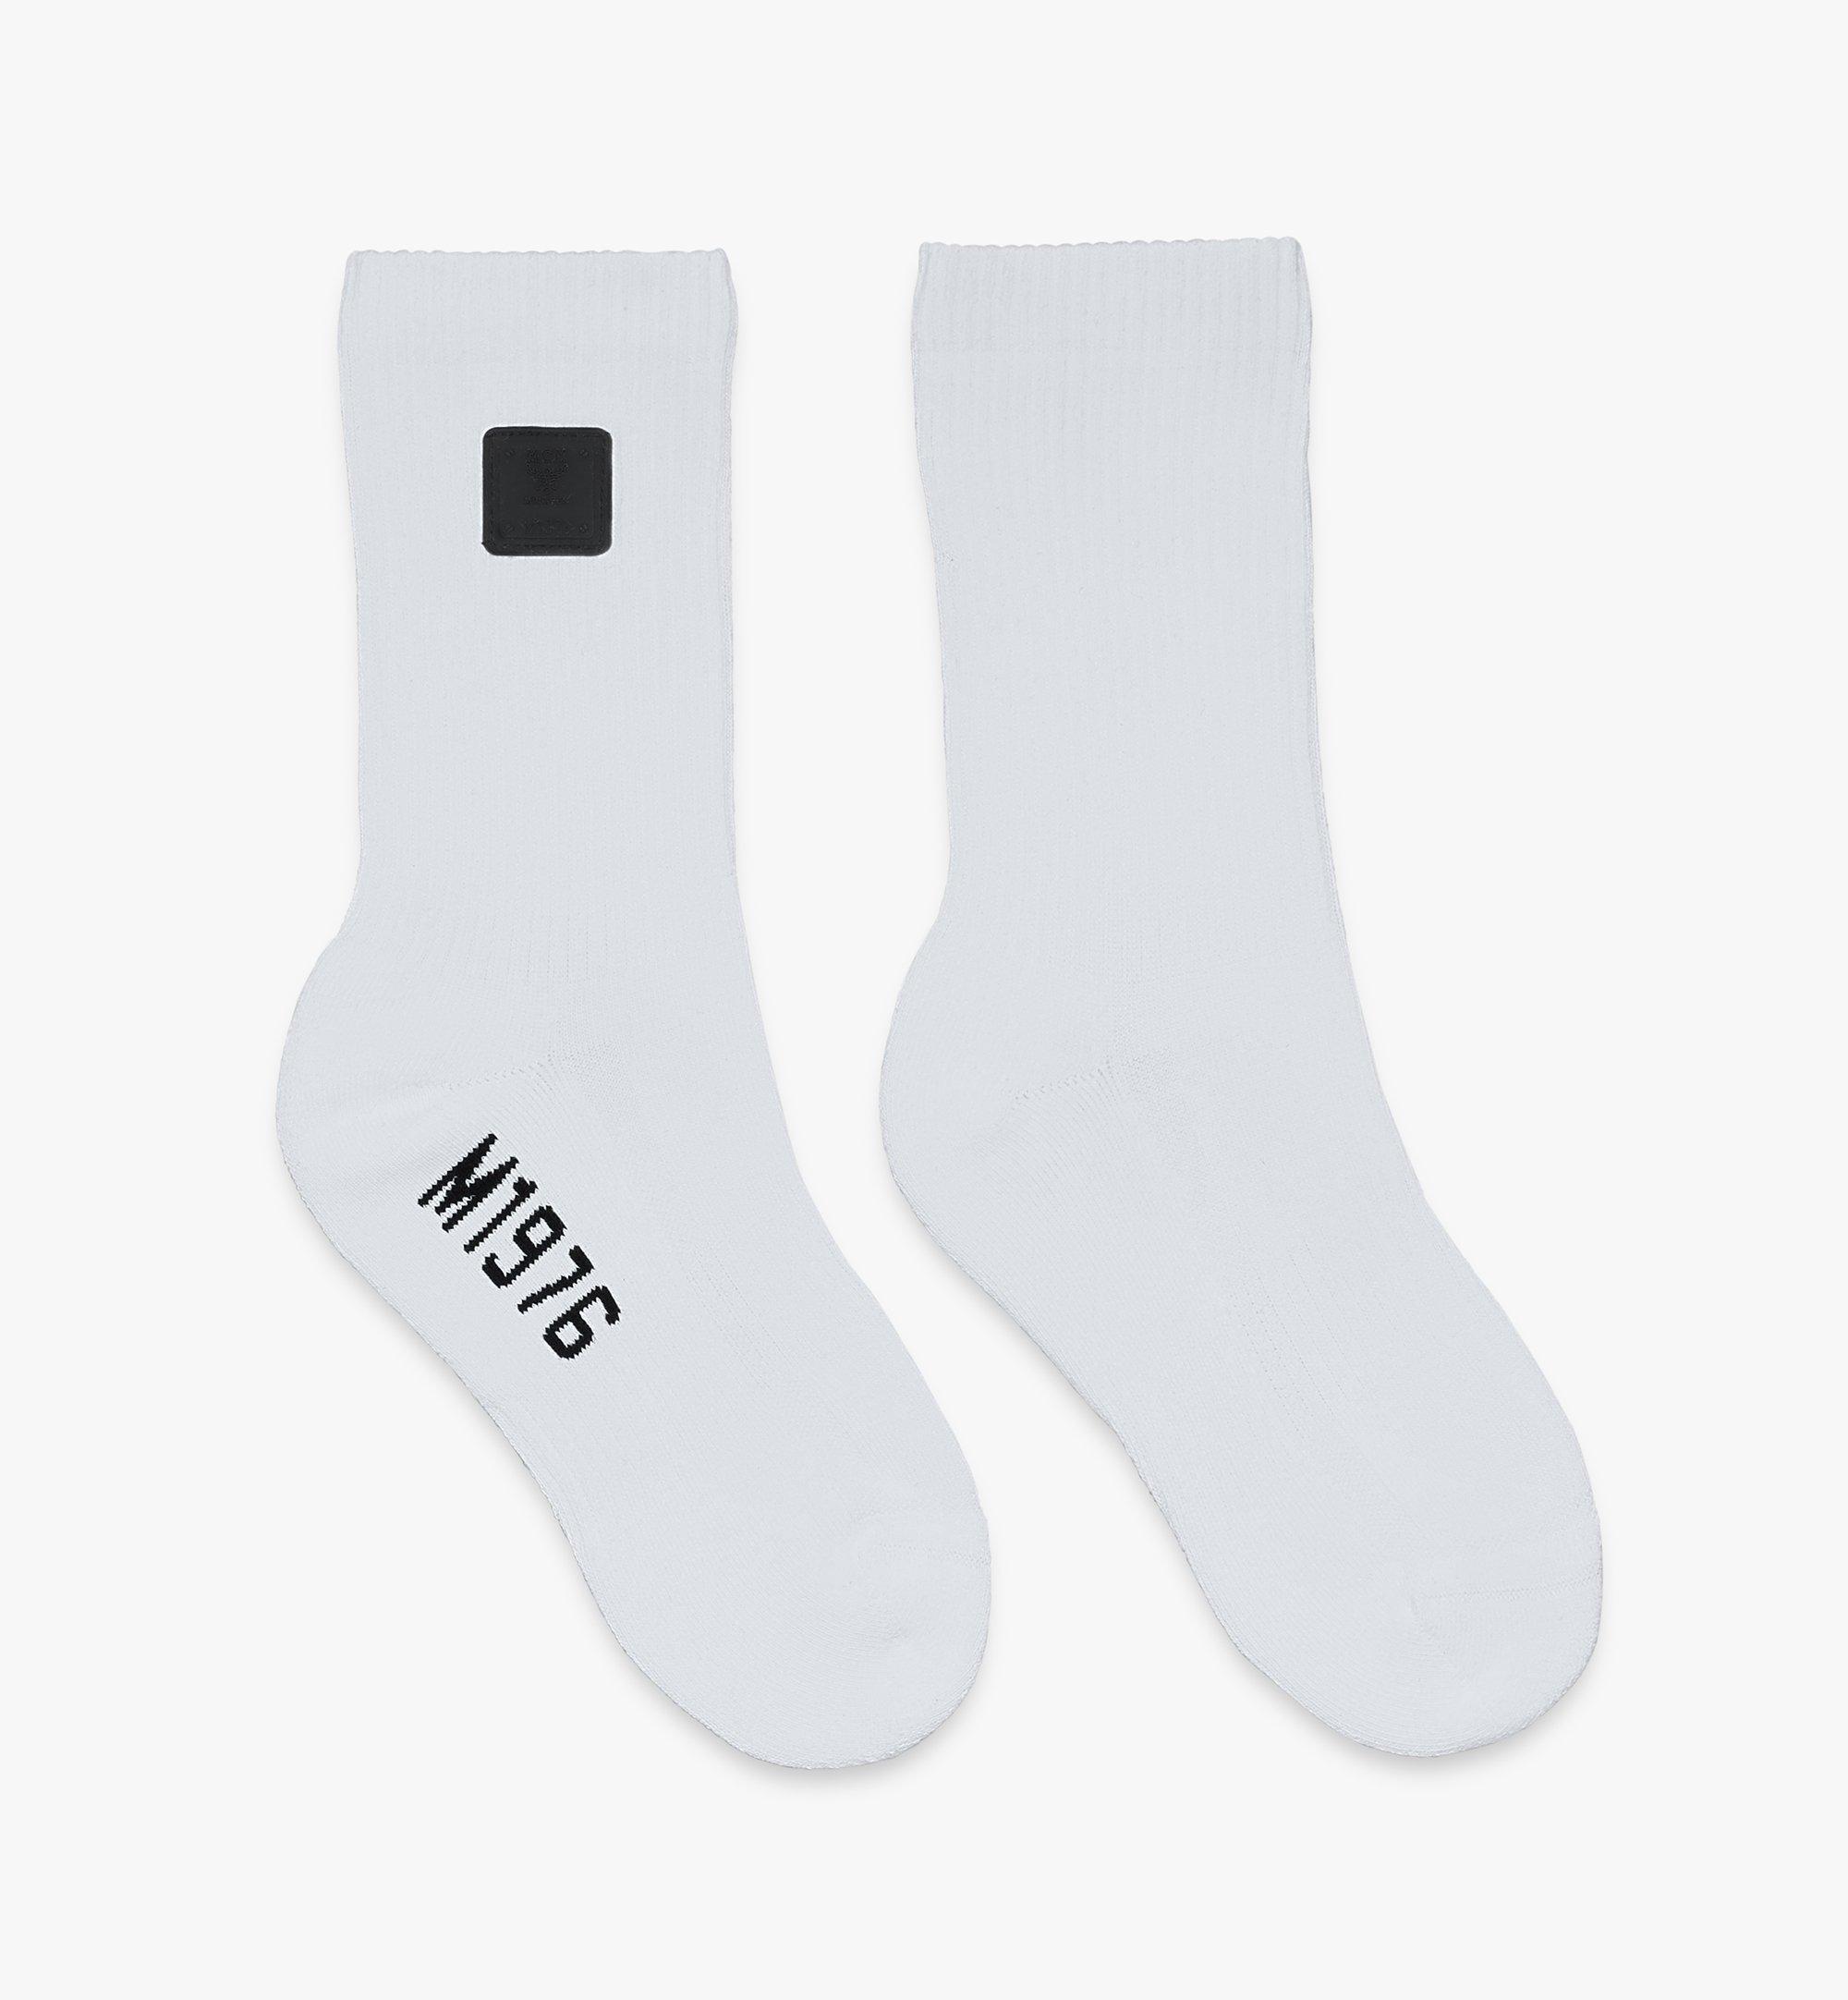 MCM 1976 Logo Plate Socks  MEZASBM02WT0ML Alternate View 1